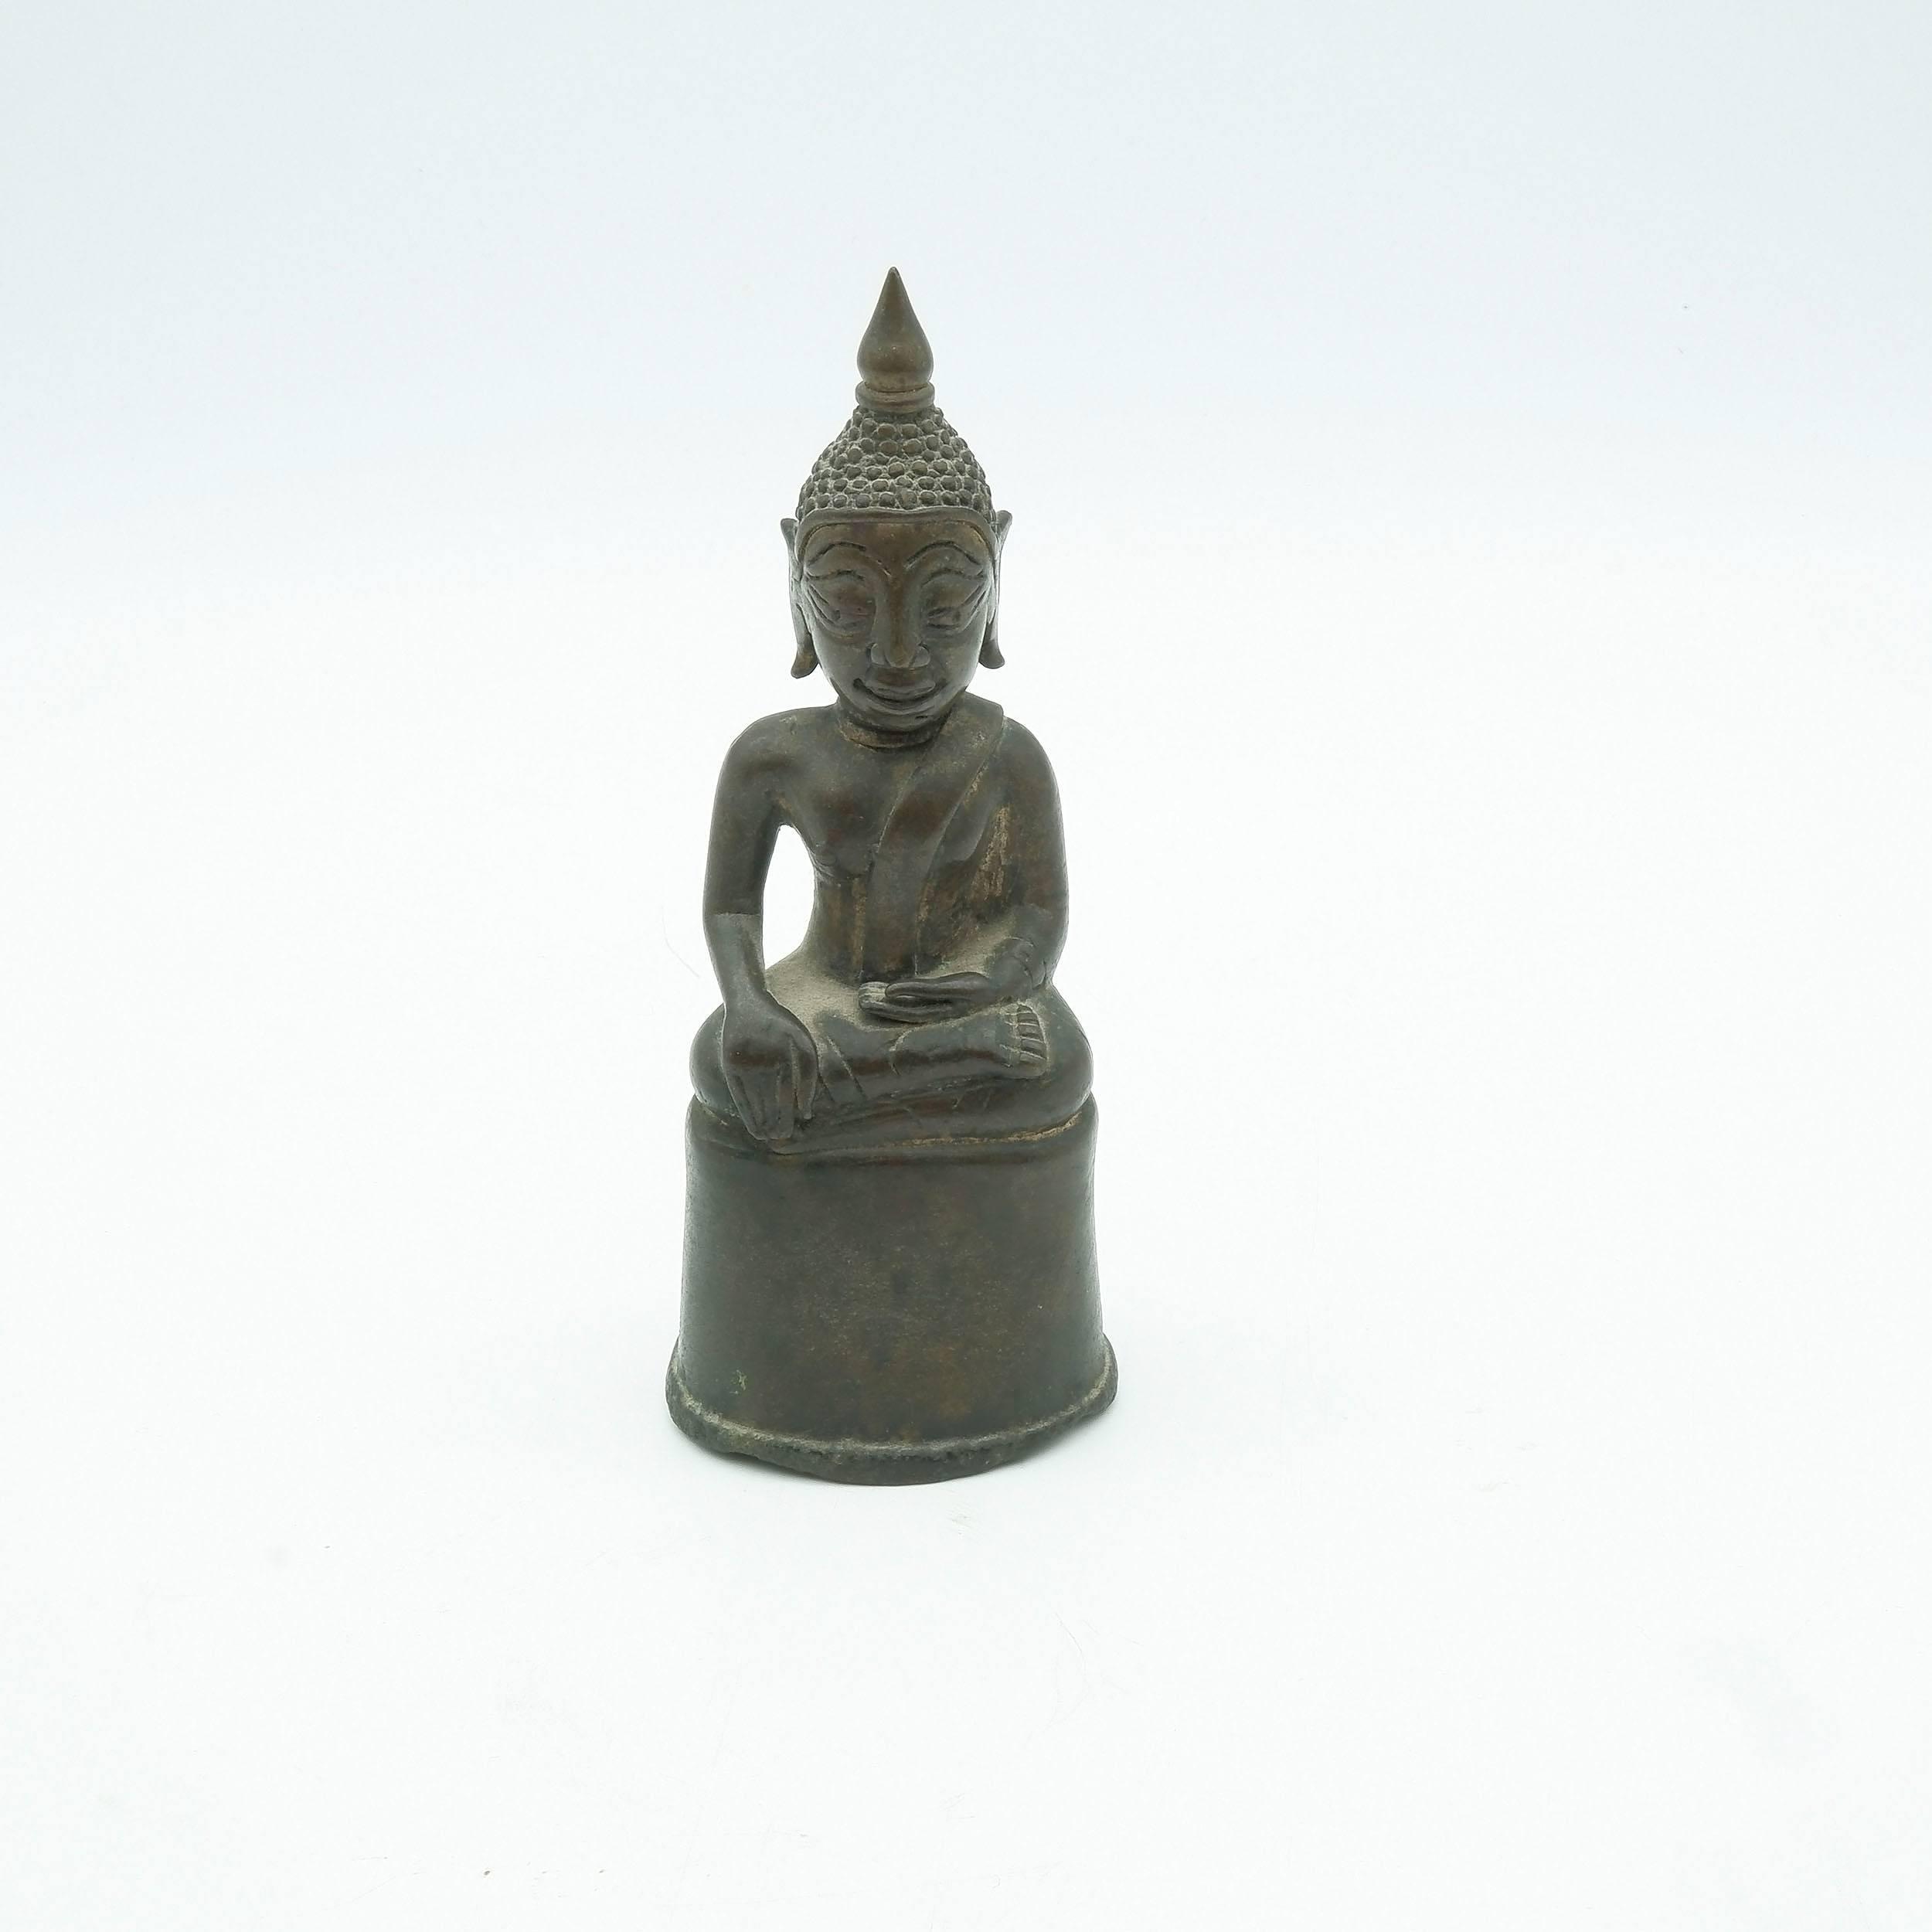 'Luang Prabang Bronze Sitting Buddha Subduing Mara'